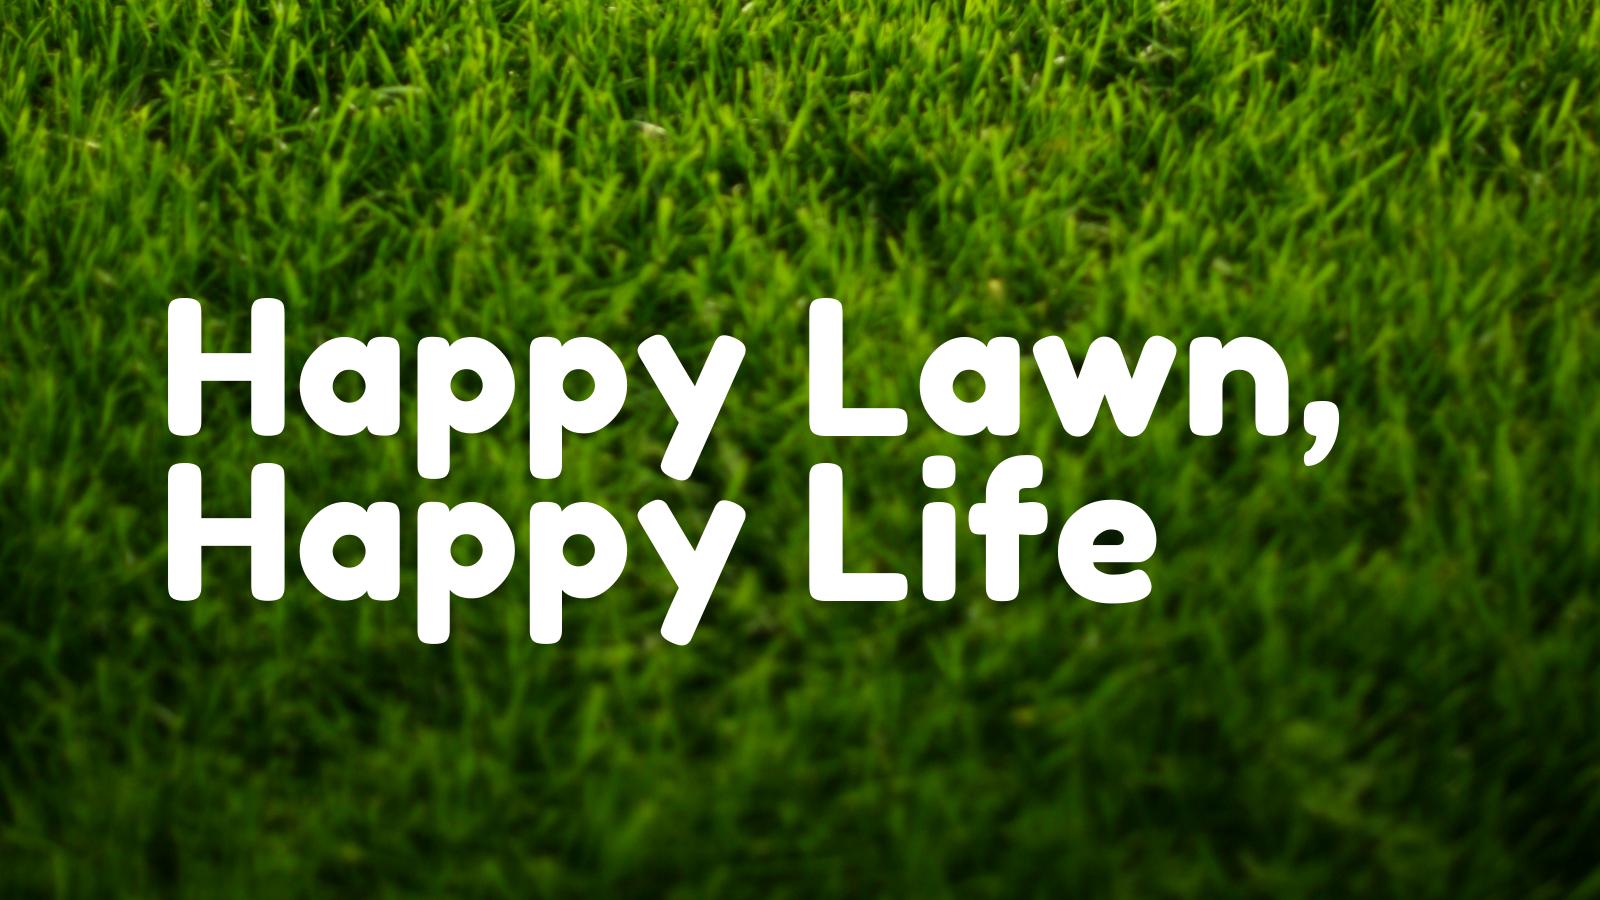 Happy Lawn, Happy Life.